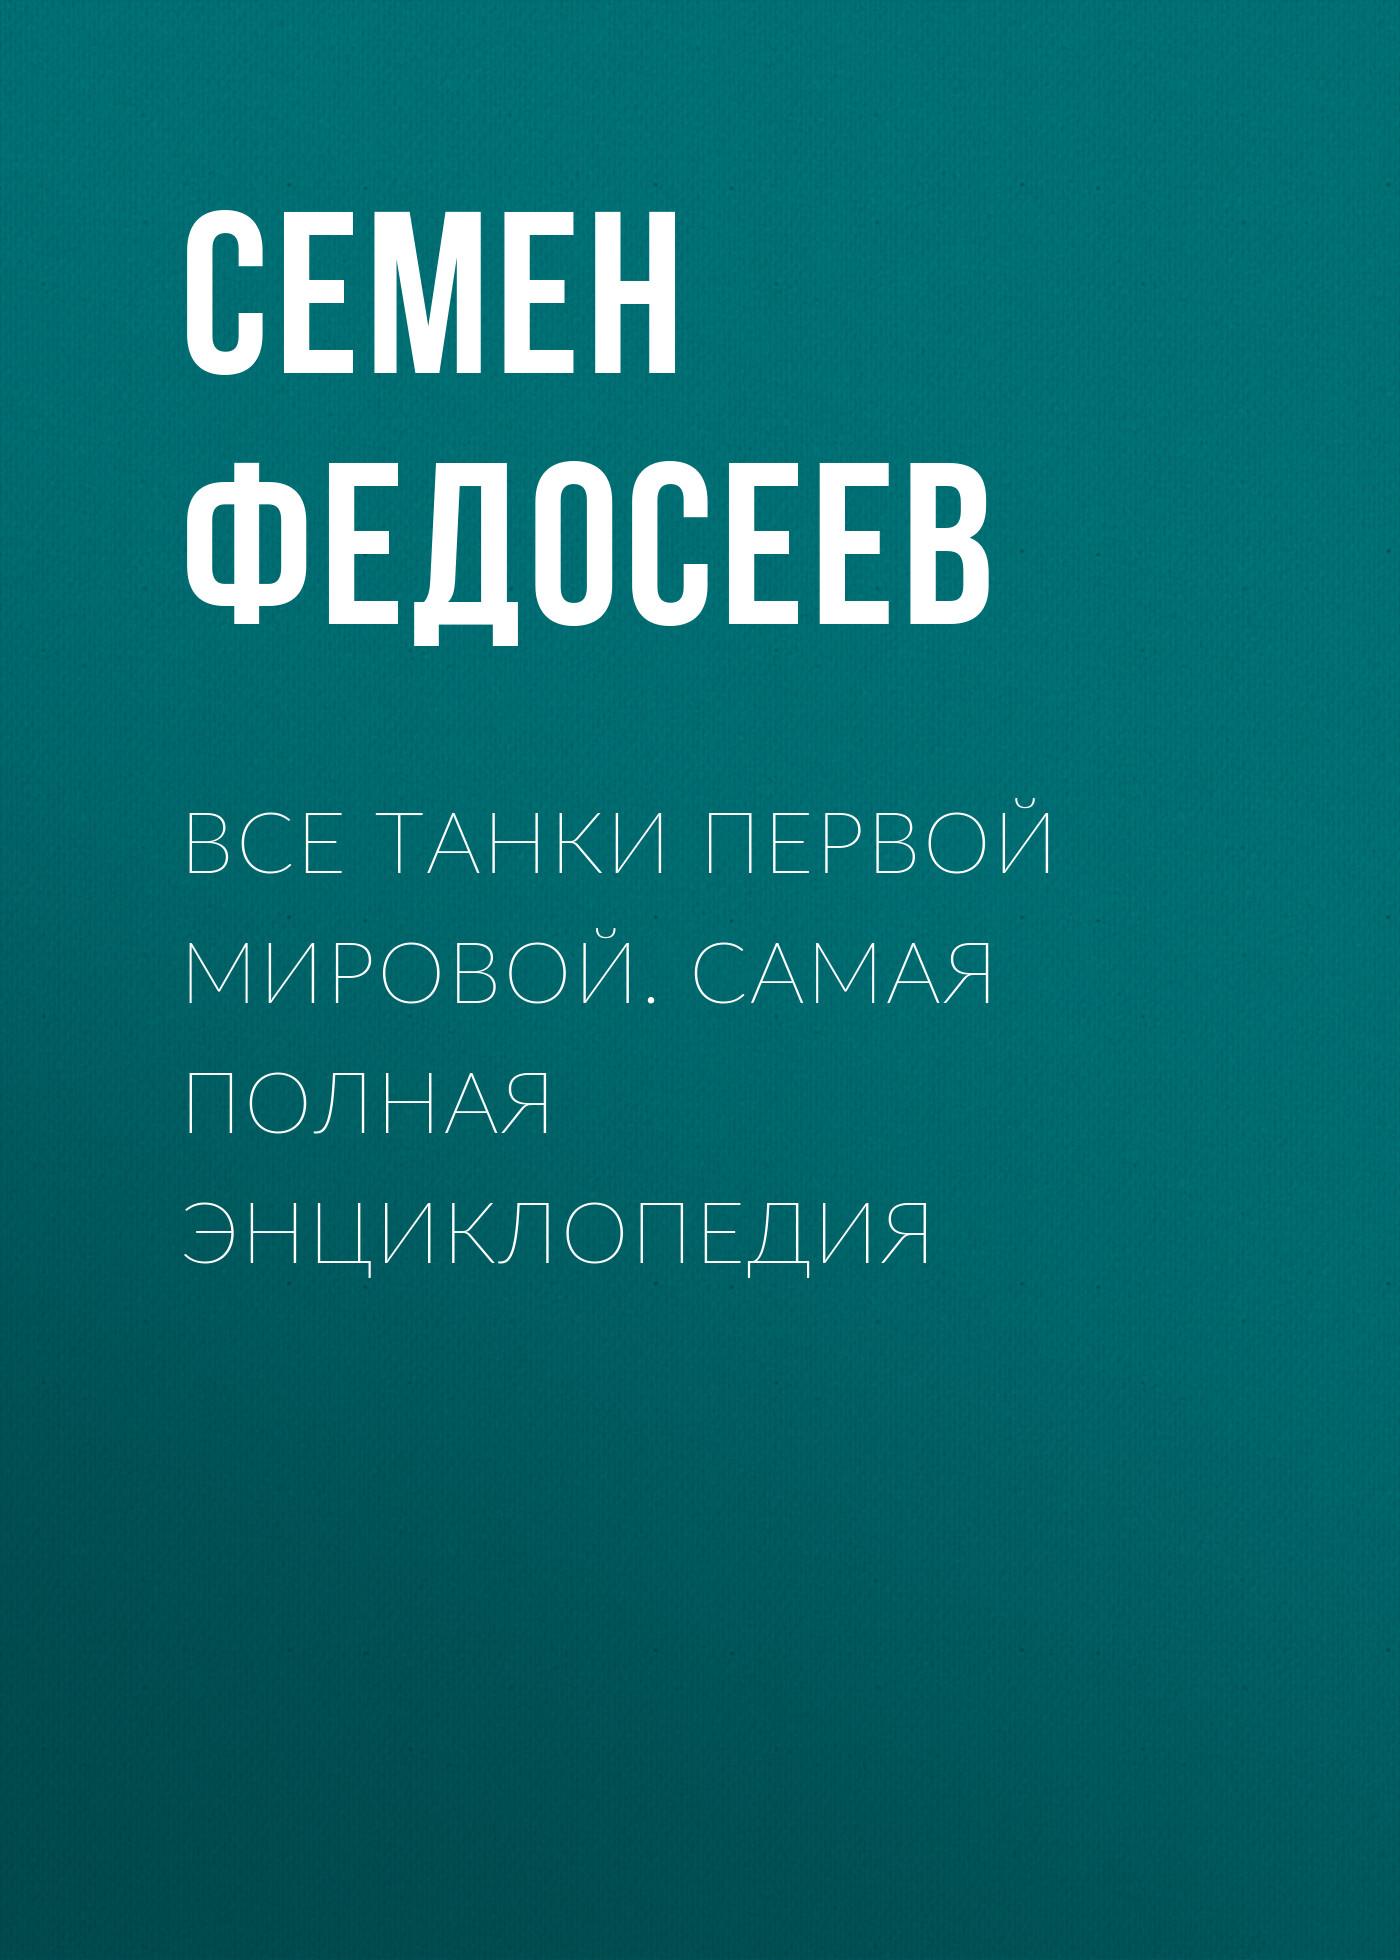 Семен Федосеев Все танки Первой Мировой. Самая полная энциклопедия федосеев семен леонидович танки первой мировой